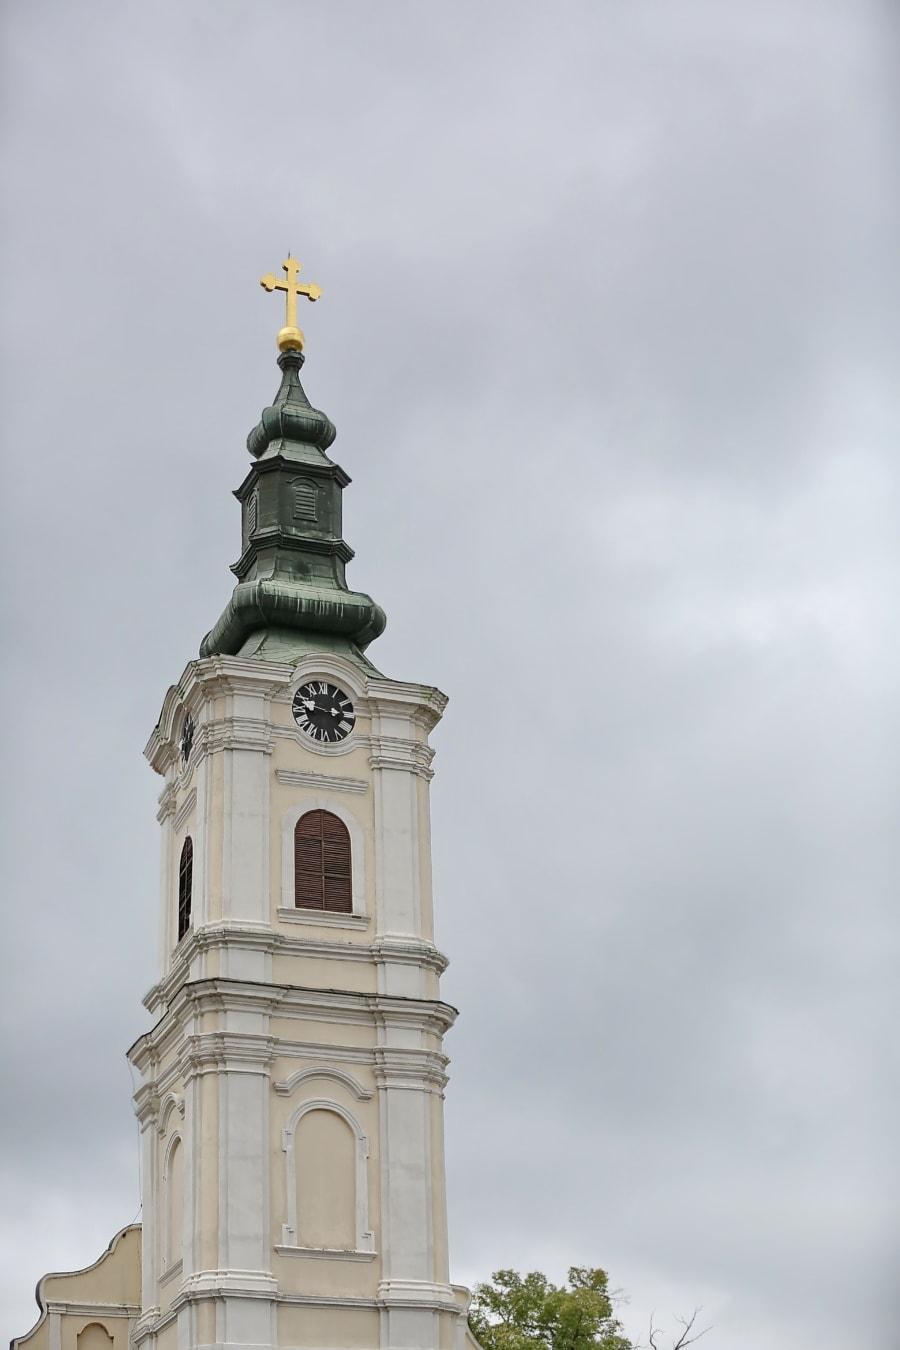 ruski, pravoslavlje, crkva, crkveni toranj, arhitektura, religija, toranj, zgrada, križ, staro